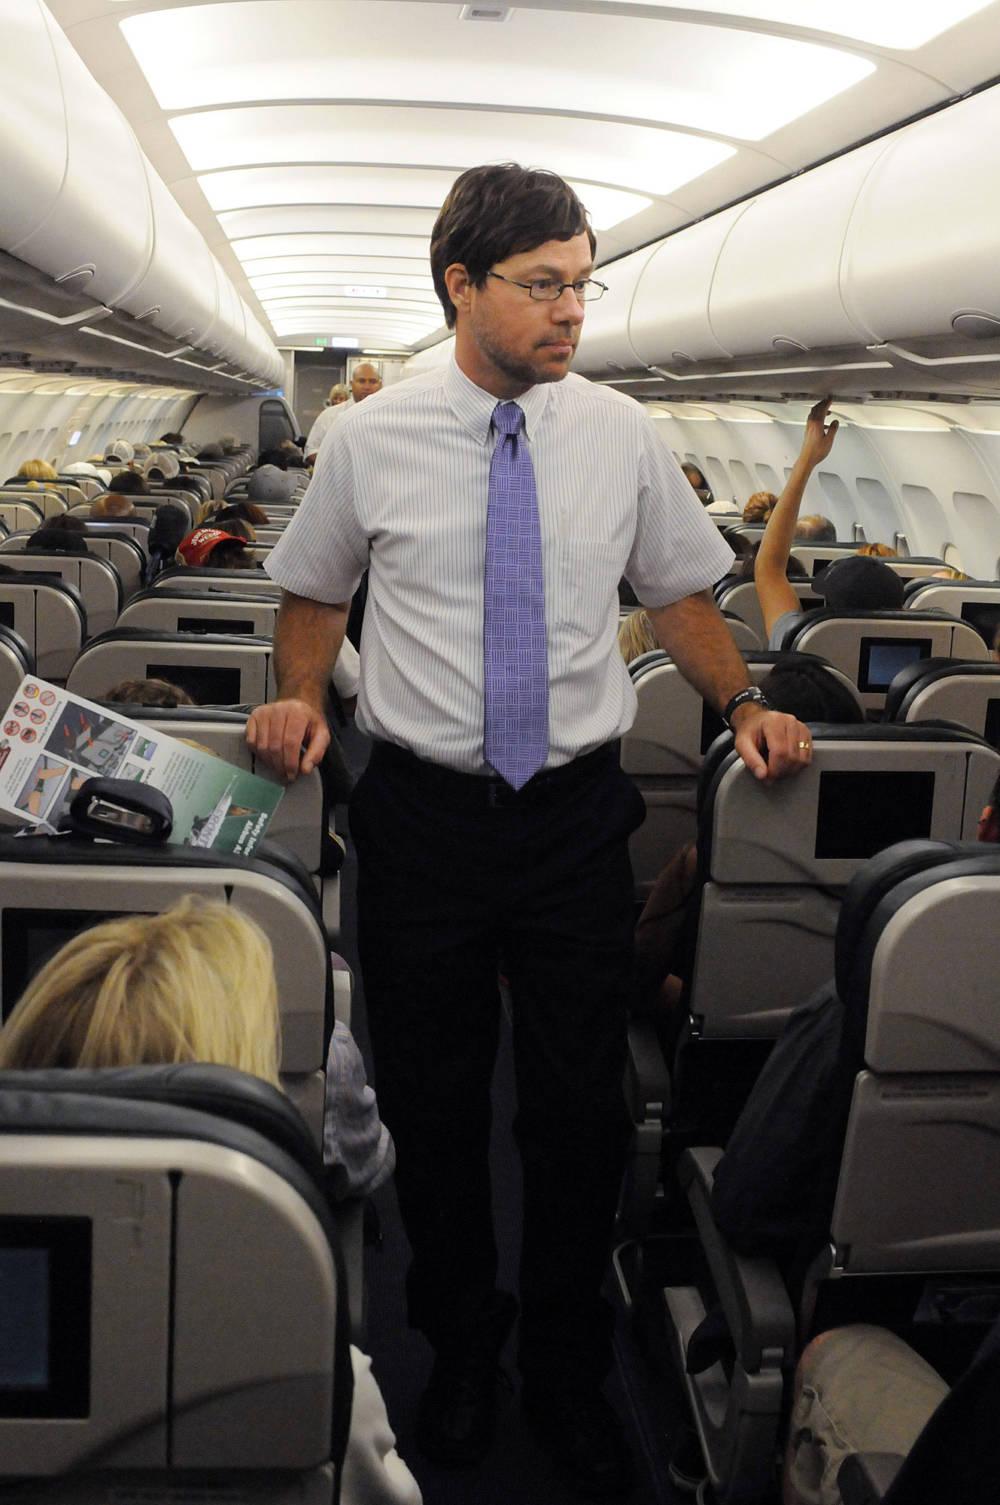 Berührt von unzähligen Händen: die Sitzlehnen im Gang eines Flugzeugs